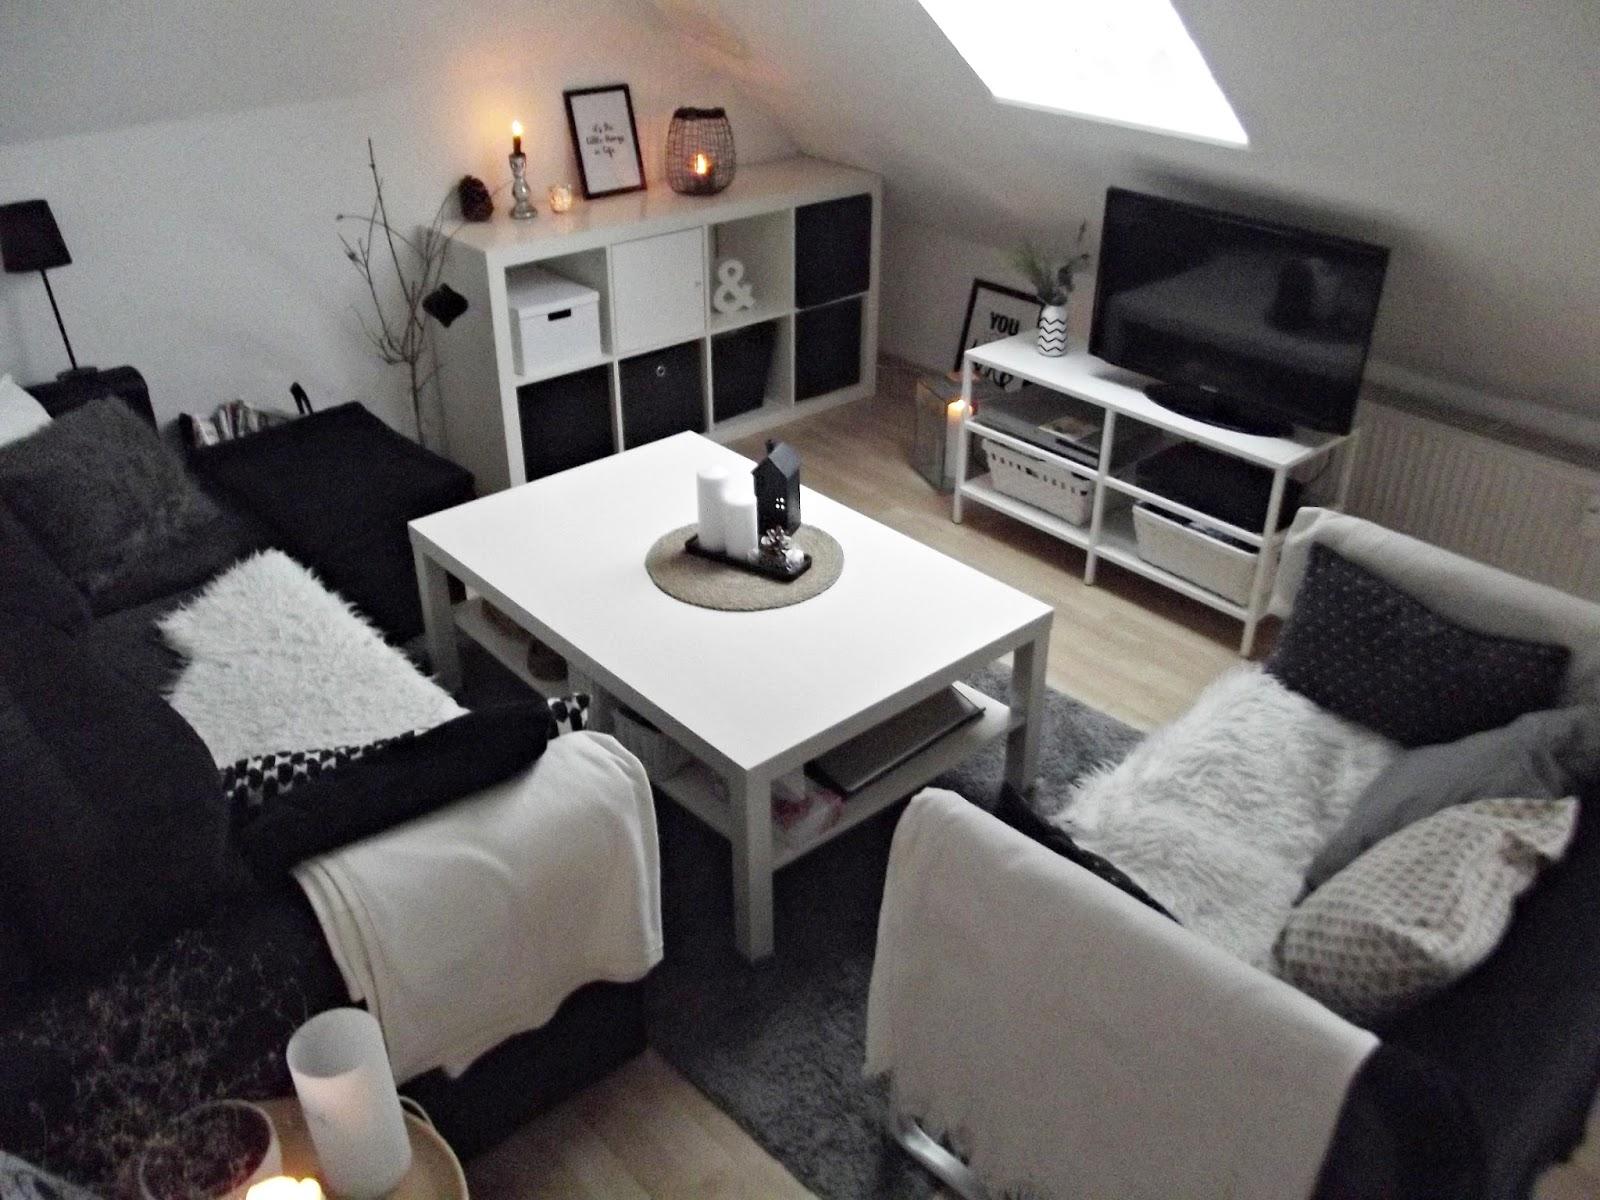 Mein Wohnzimmer Im Winter